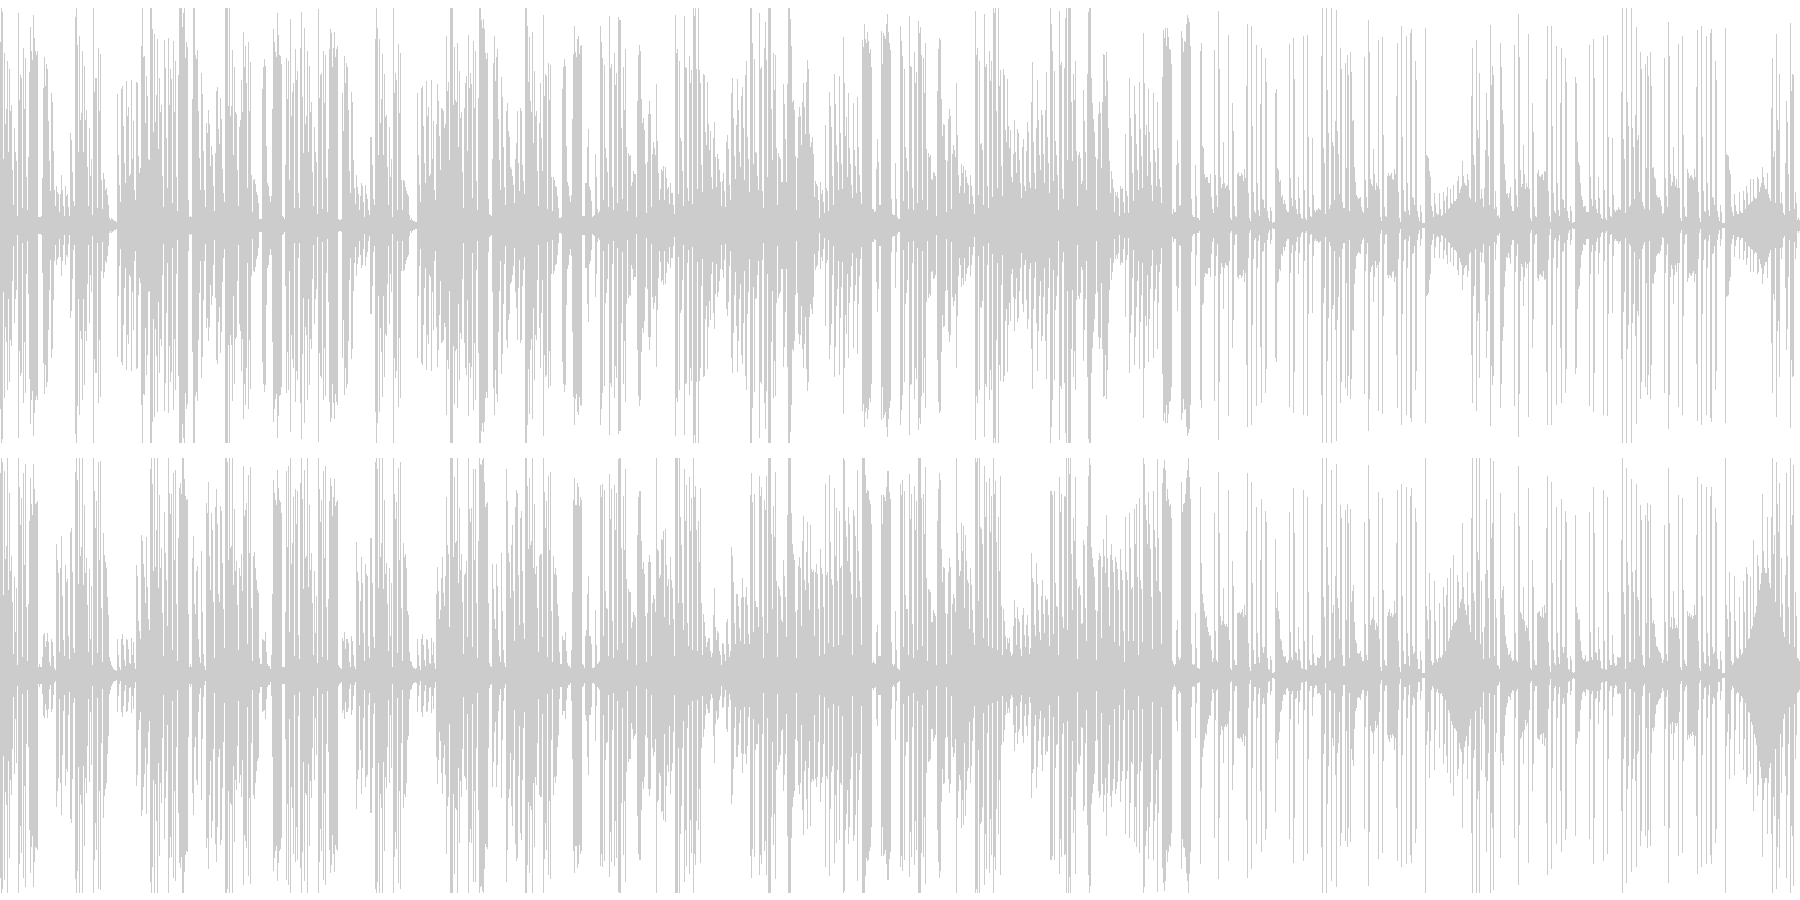 機械的で怪しげな曲の未再生の波形